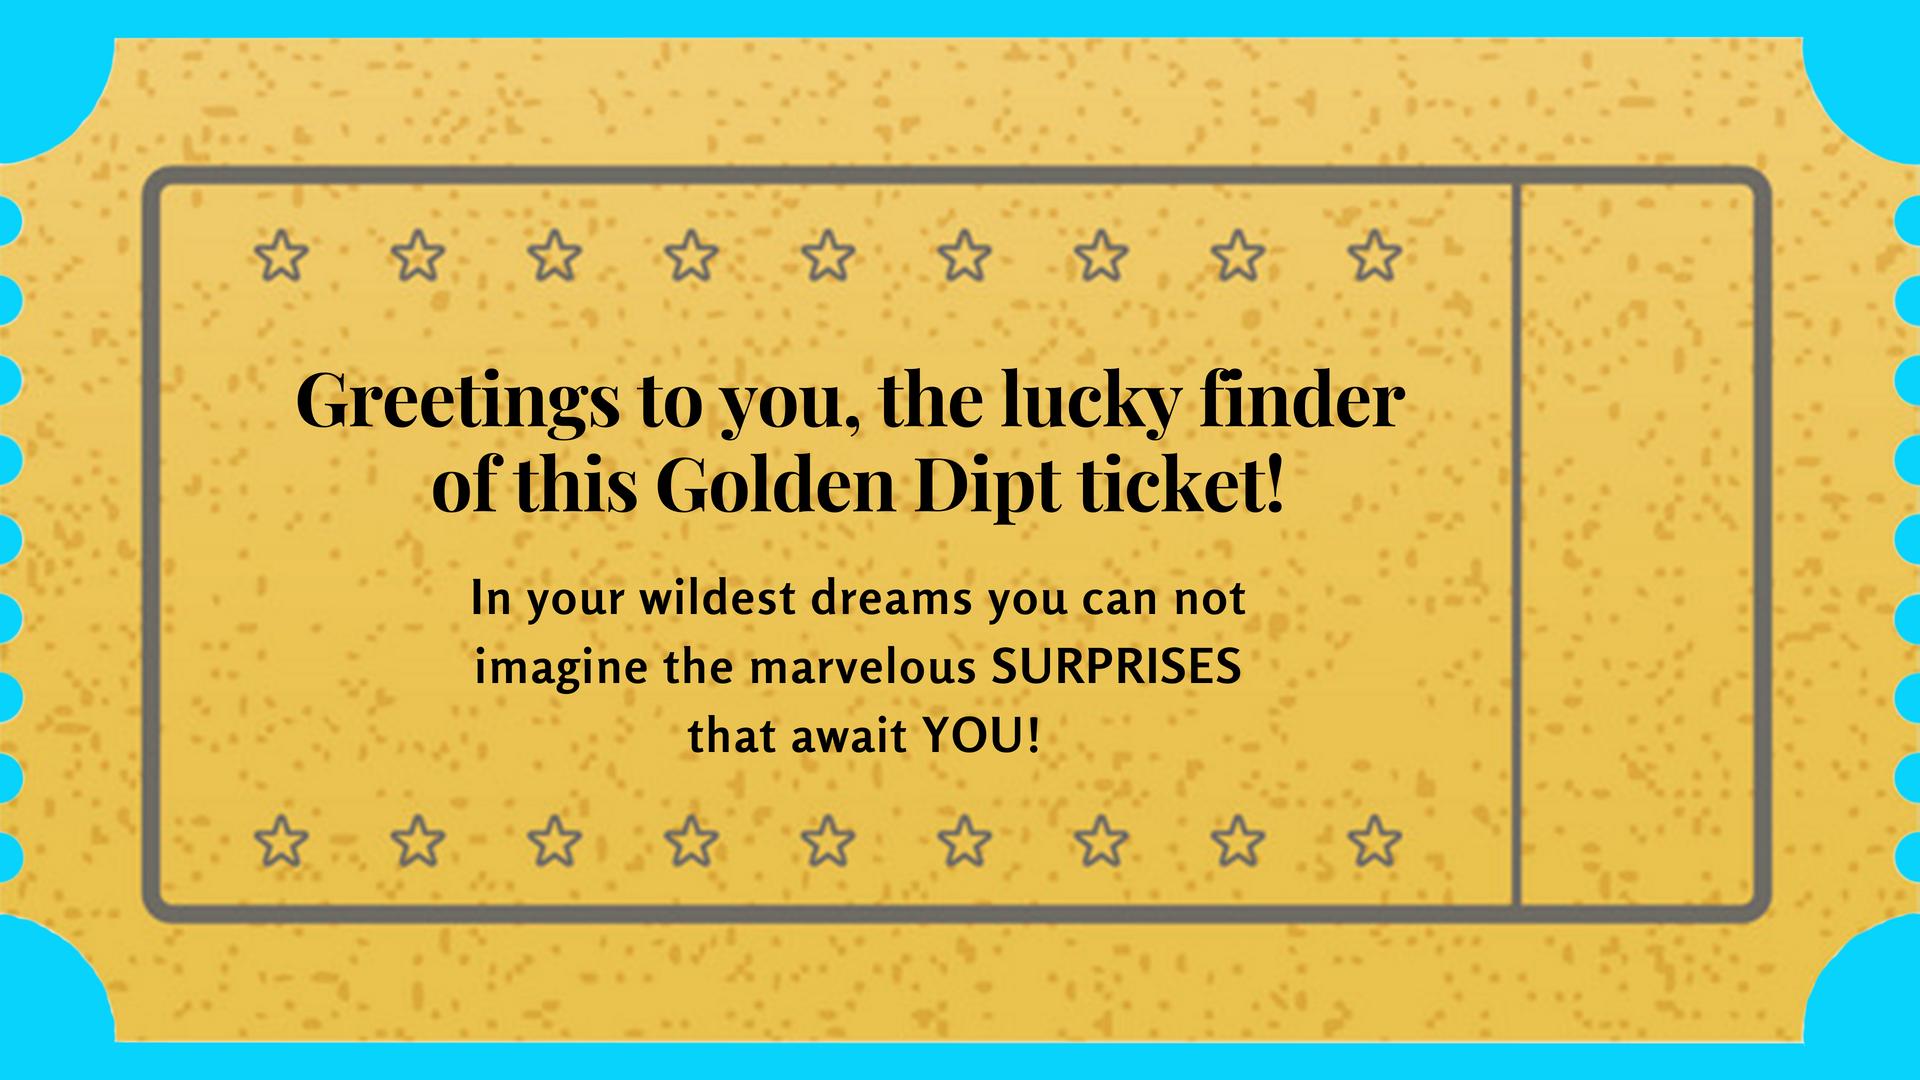 AutoFry Rebates: Finding the Golden Dipt Ticket!